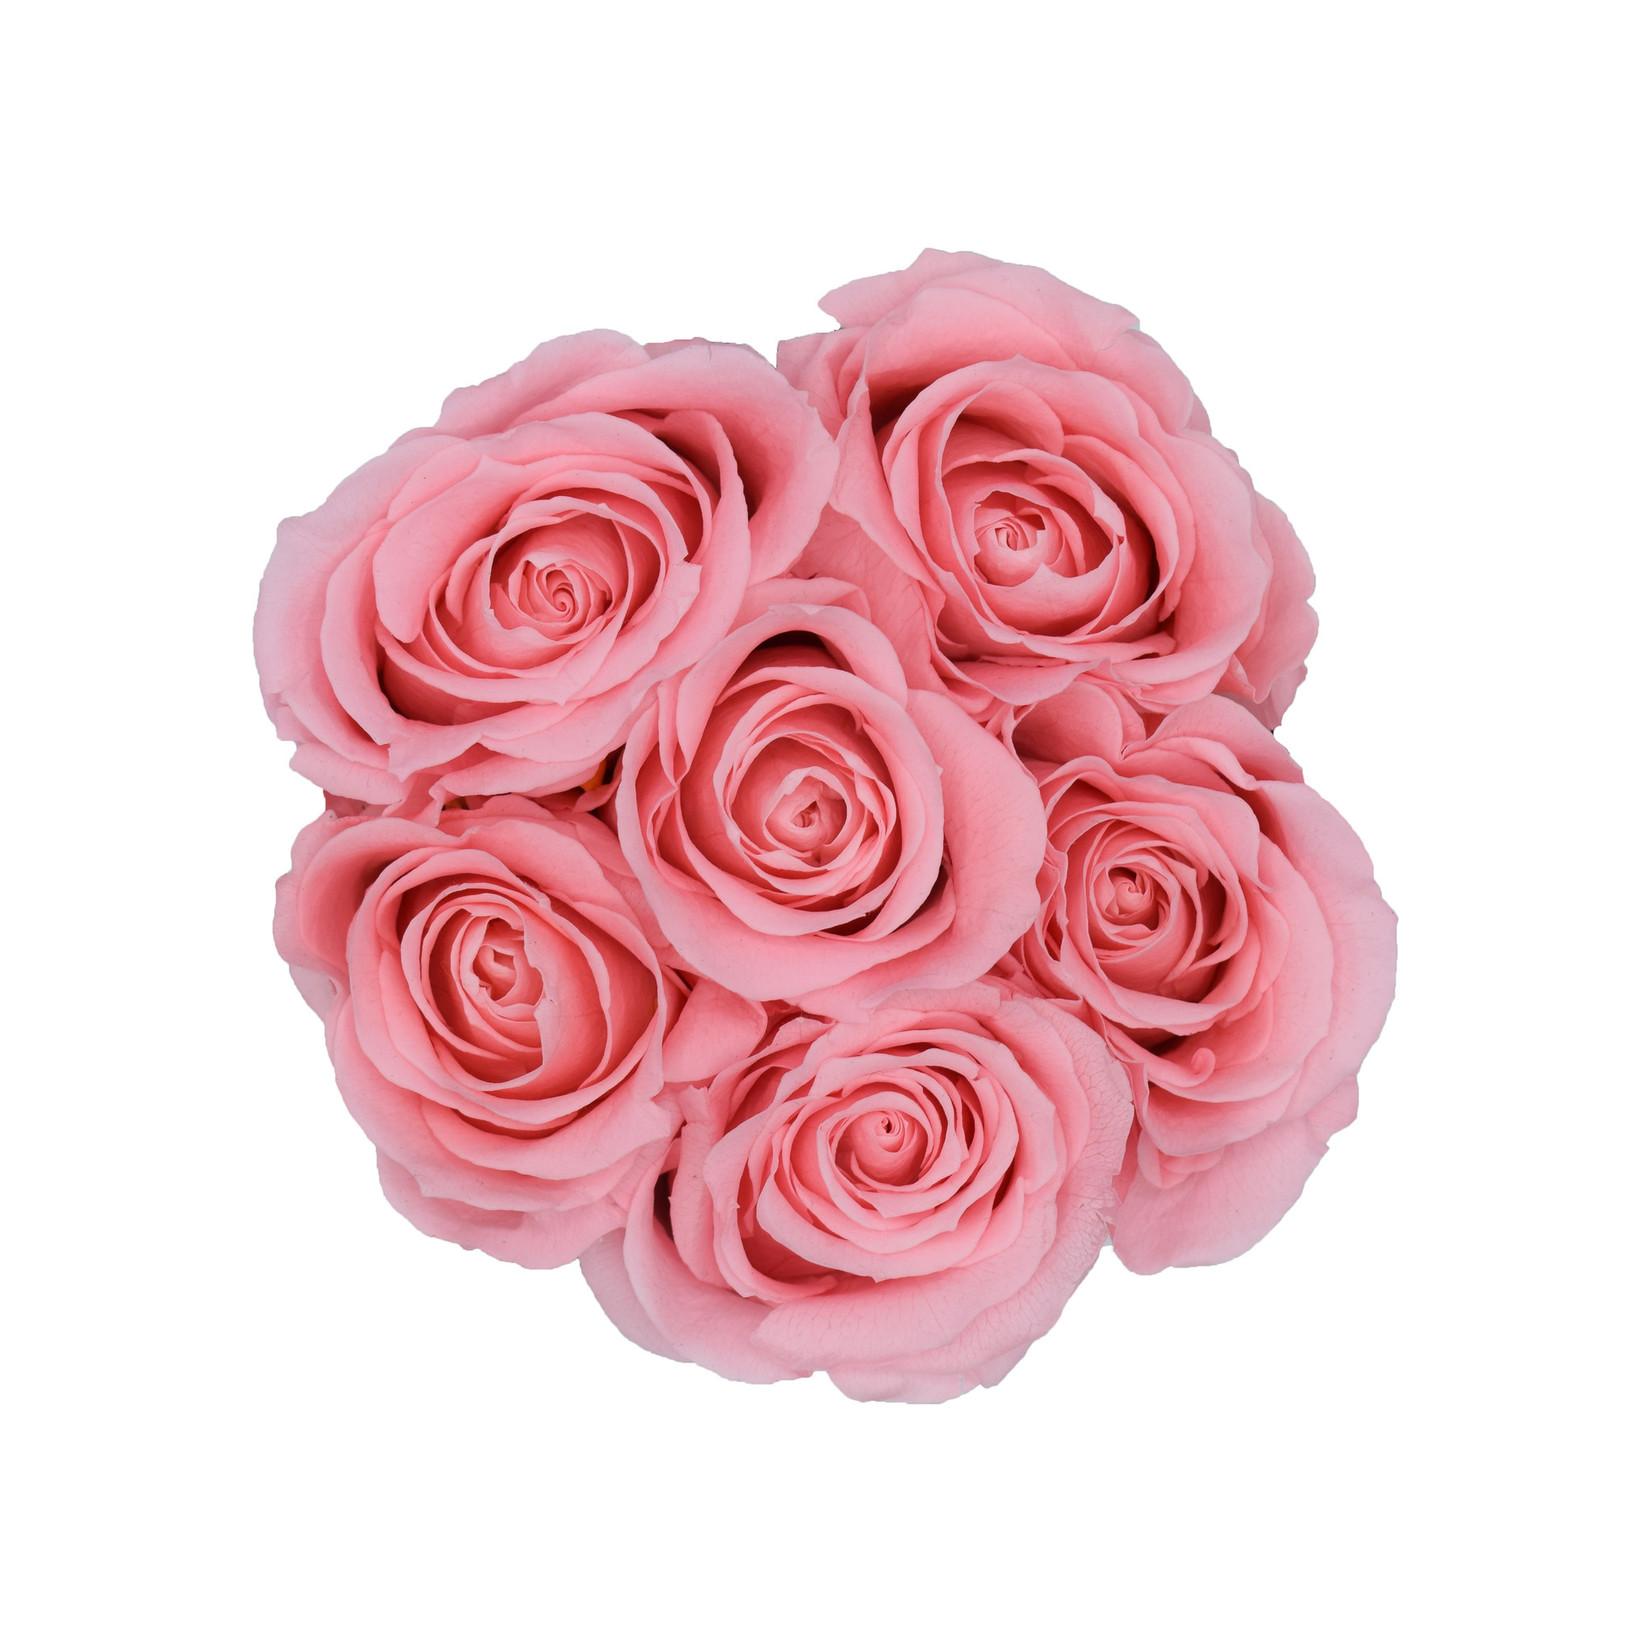 Mini - Pink Endless Roses - White Box